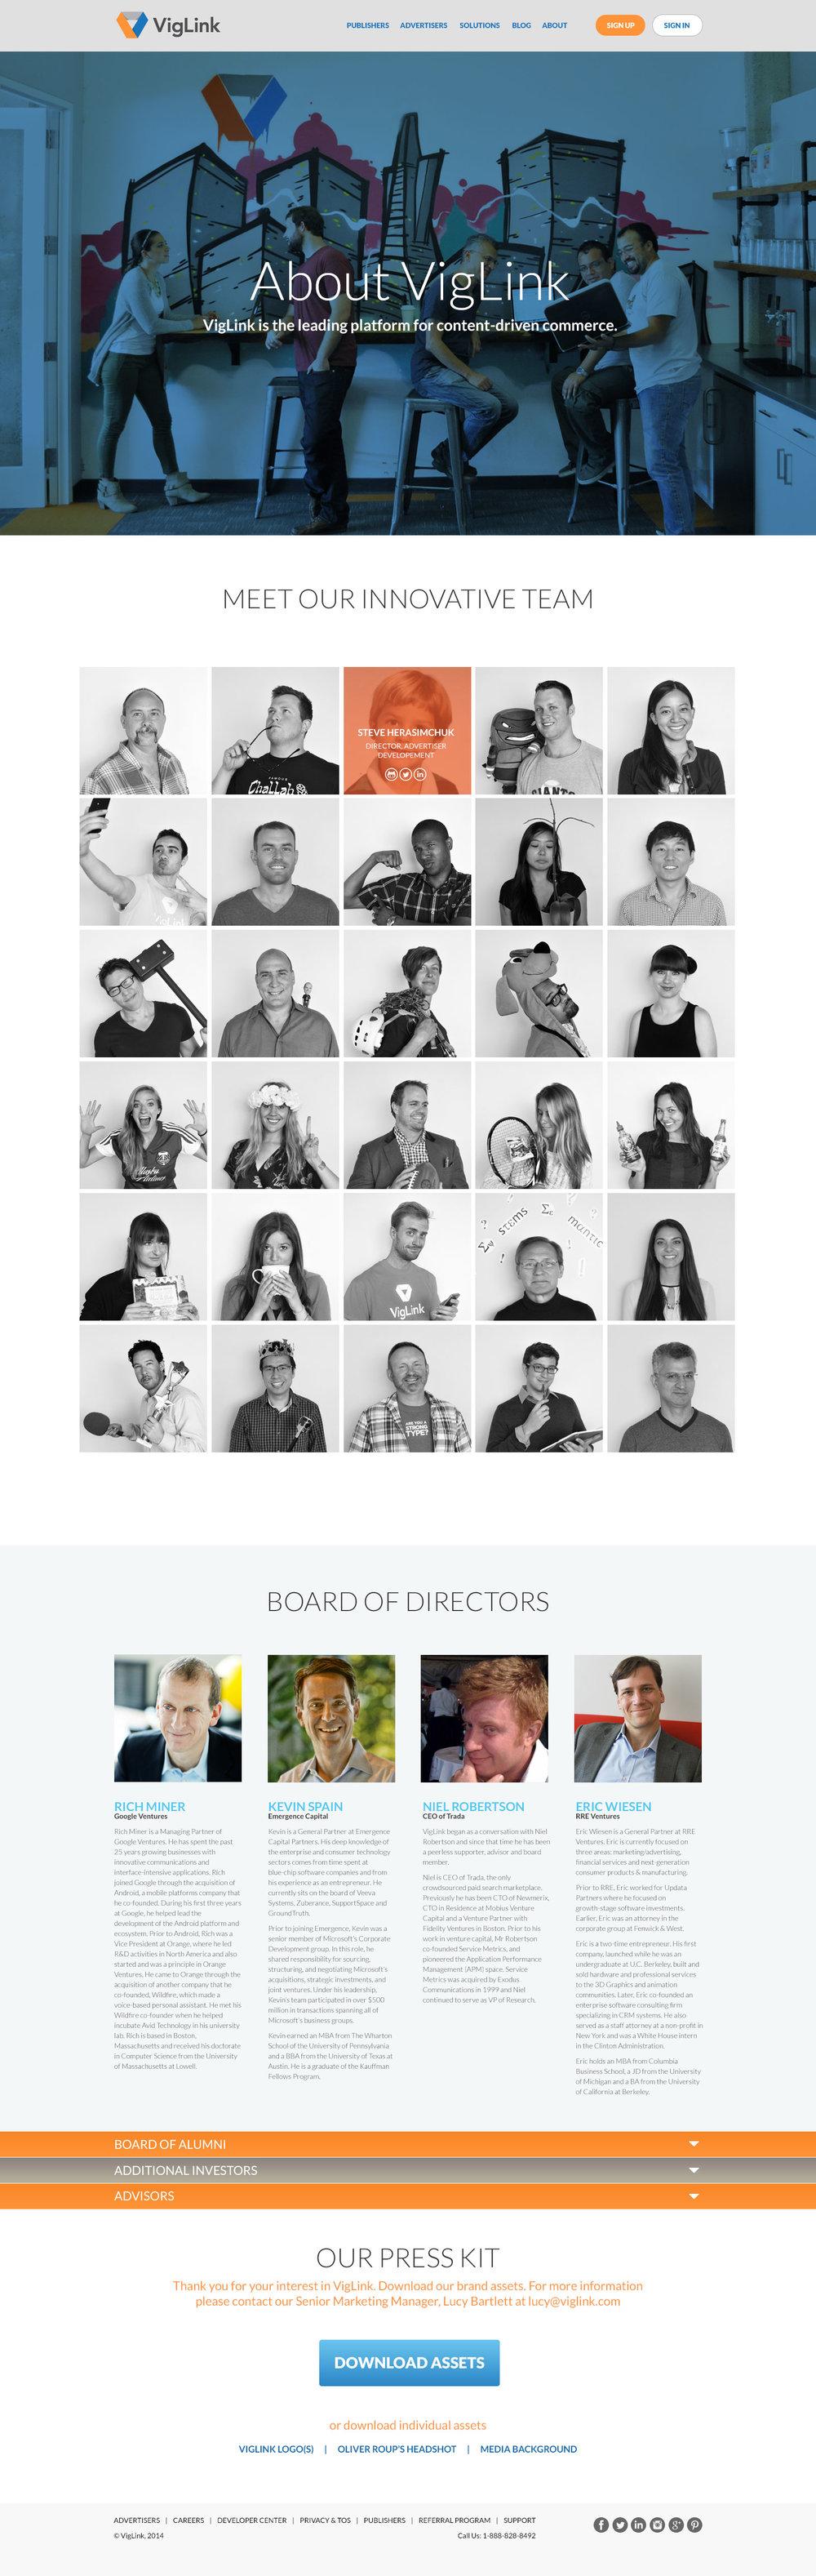 viglink-website-team.jpg